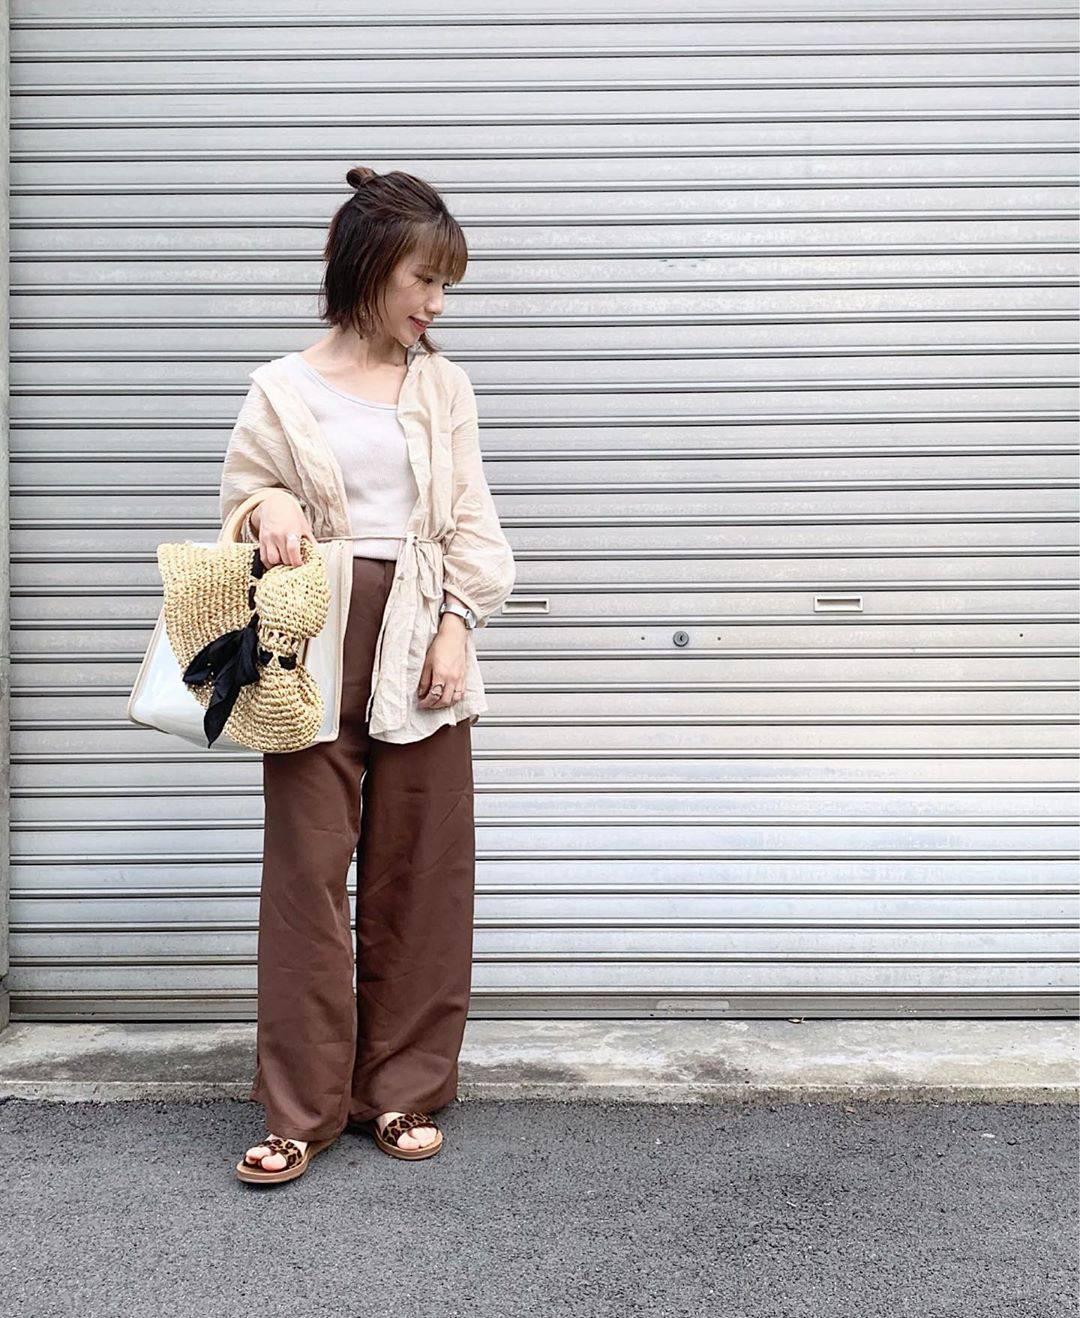 最高気温24度・最低気温19度 __tachaaanの服装